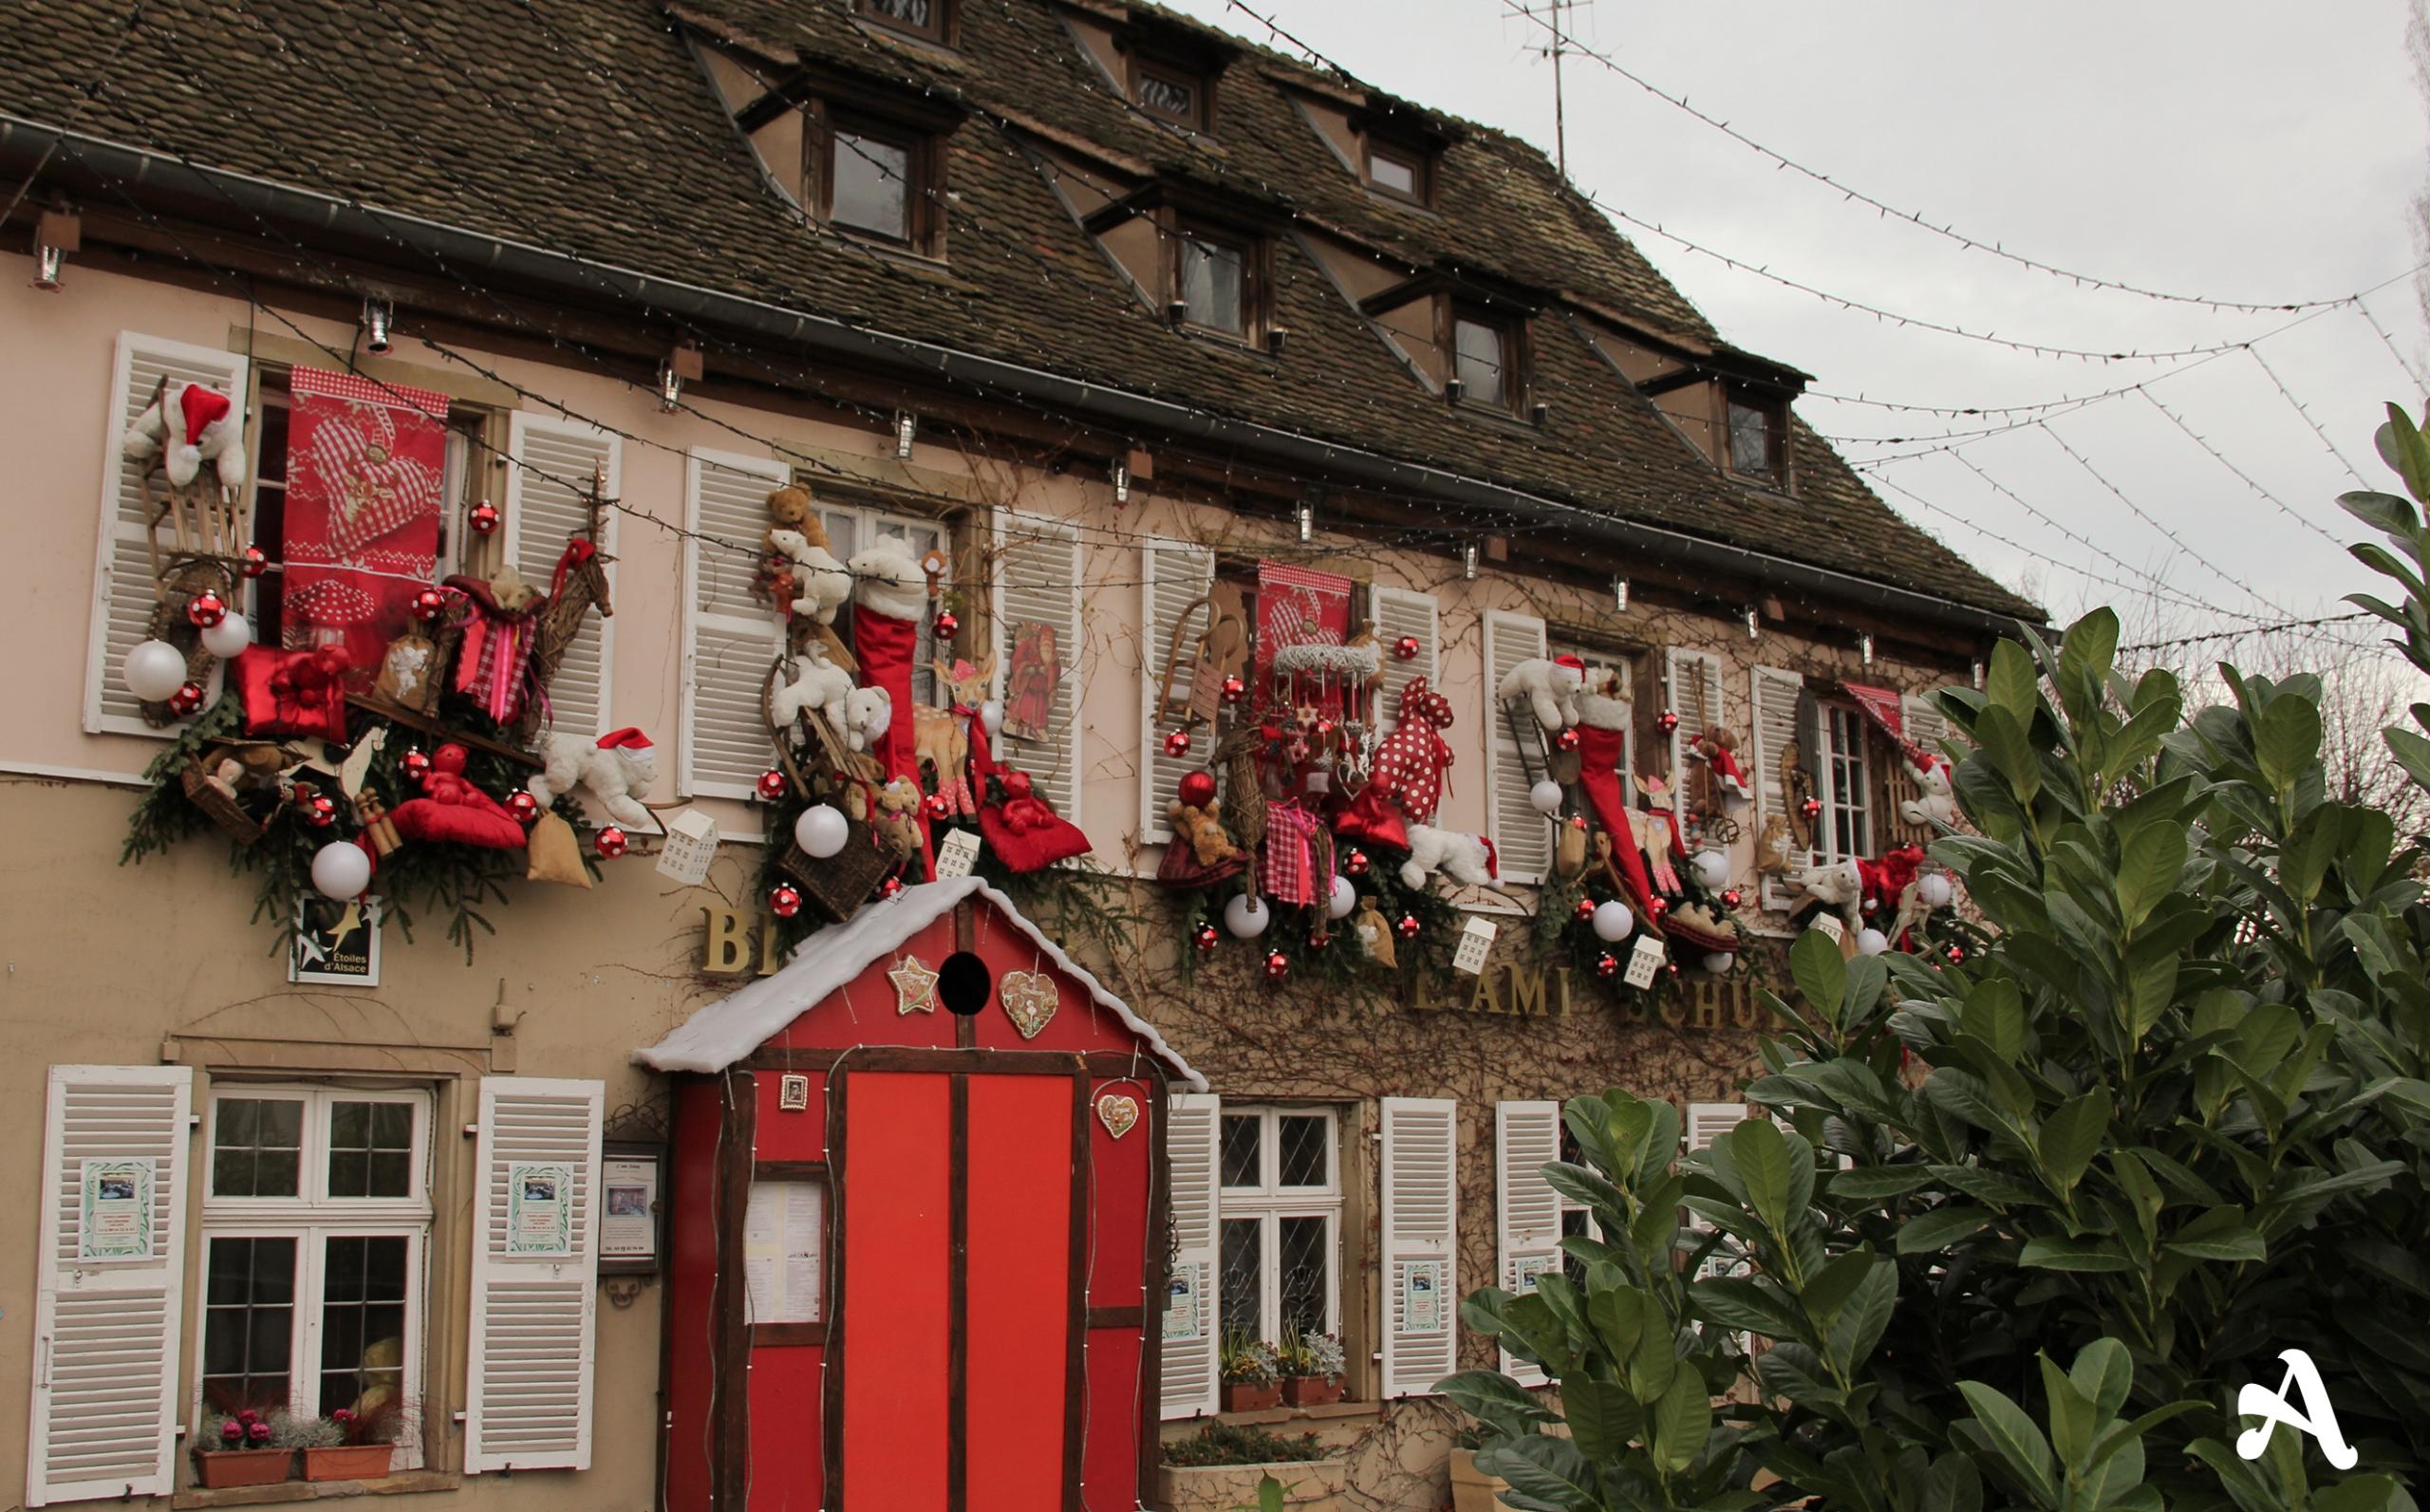 #A82923 Strasbourg Et Son Marché De Noël Awwway 5517 décorations de noel strasbourg 2654x1652 px @ aertt.com